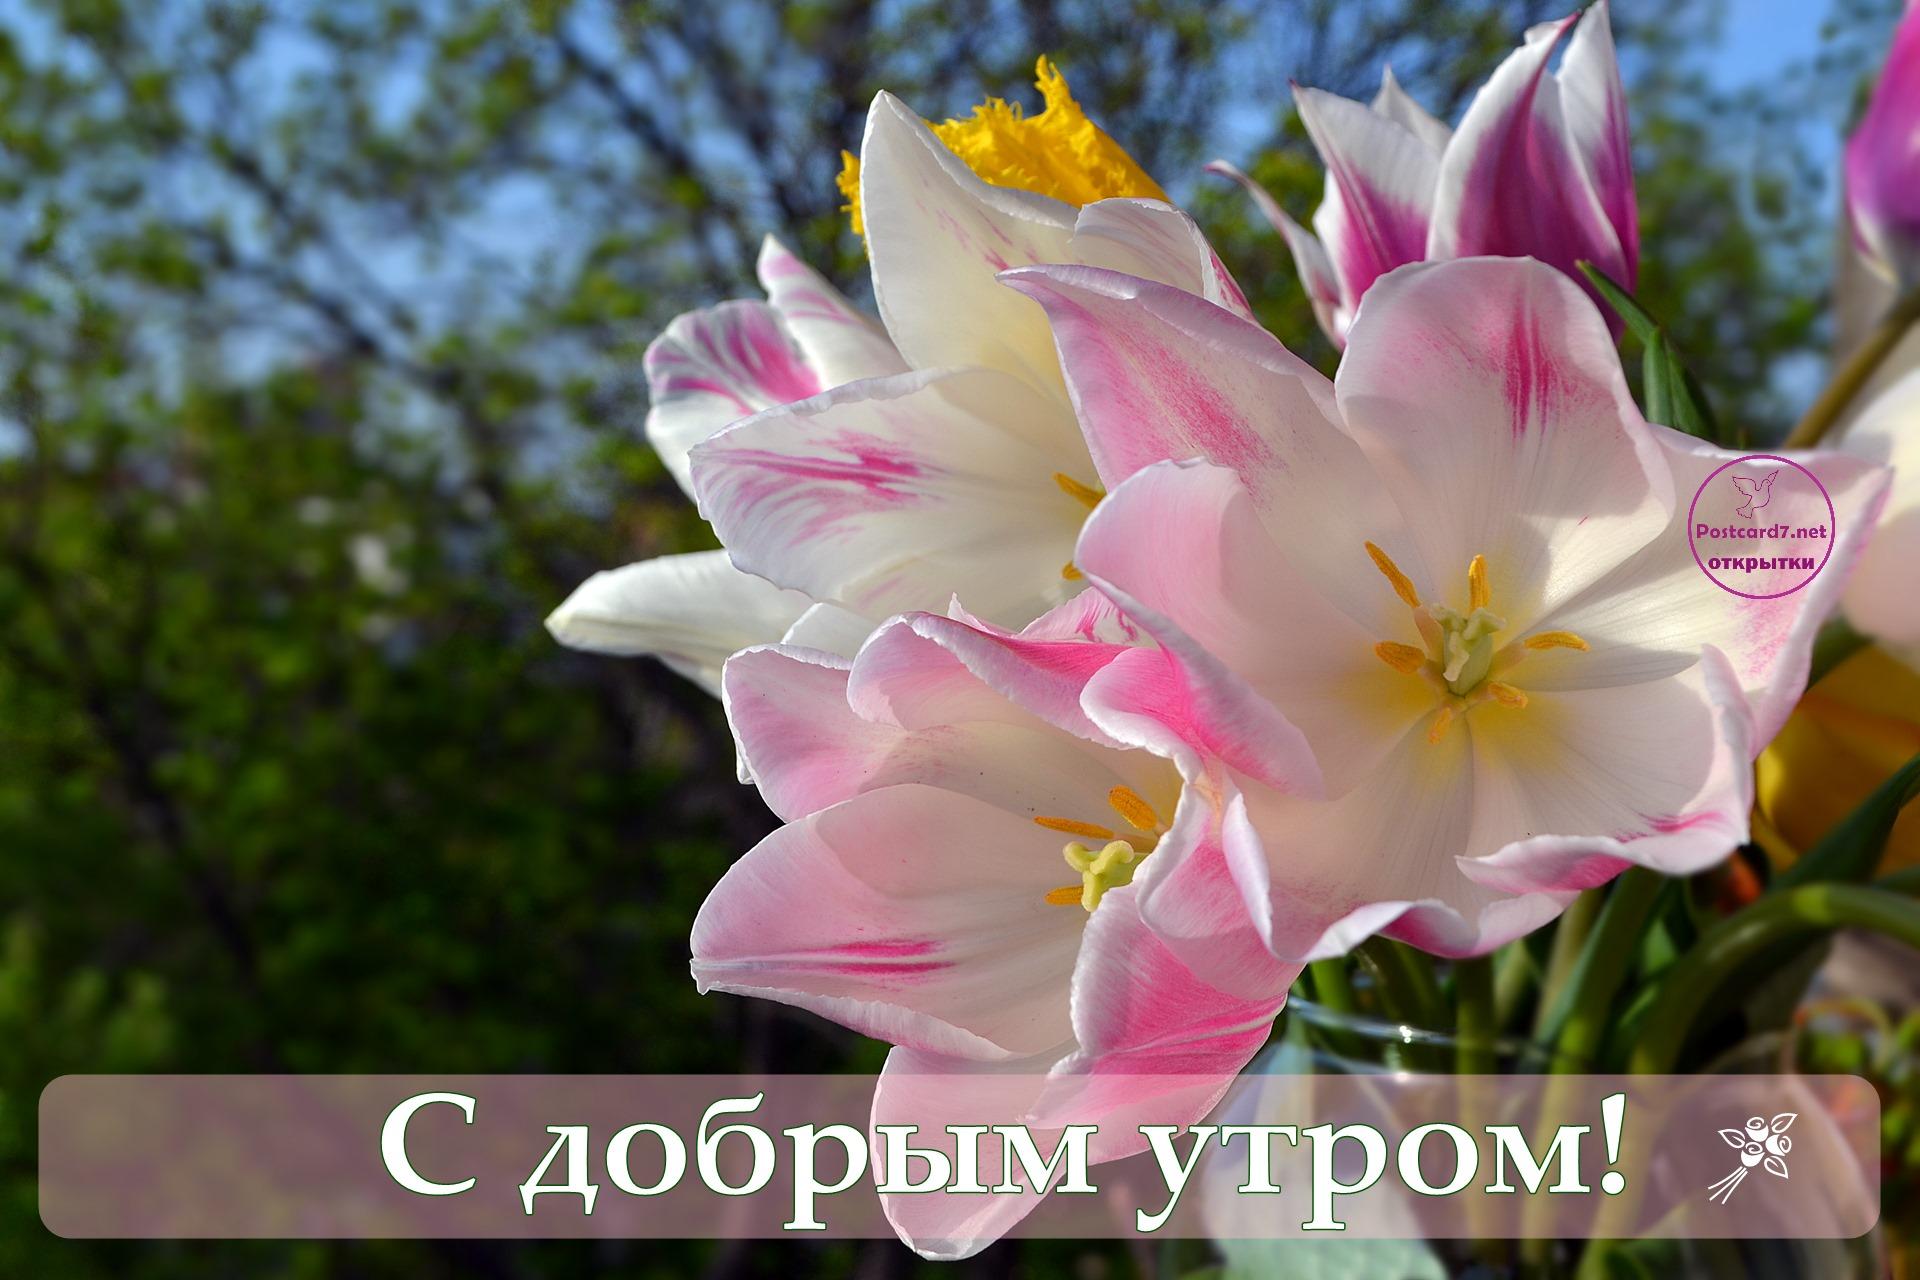 Букетик весенних тюльпанов, открытка, С добрым утром